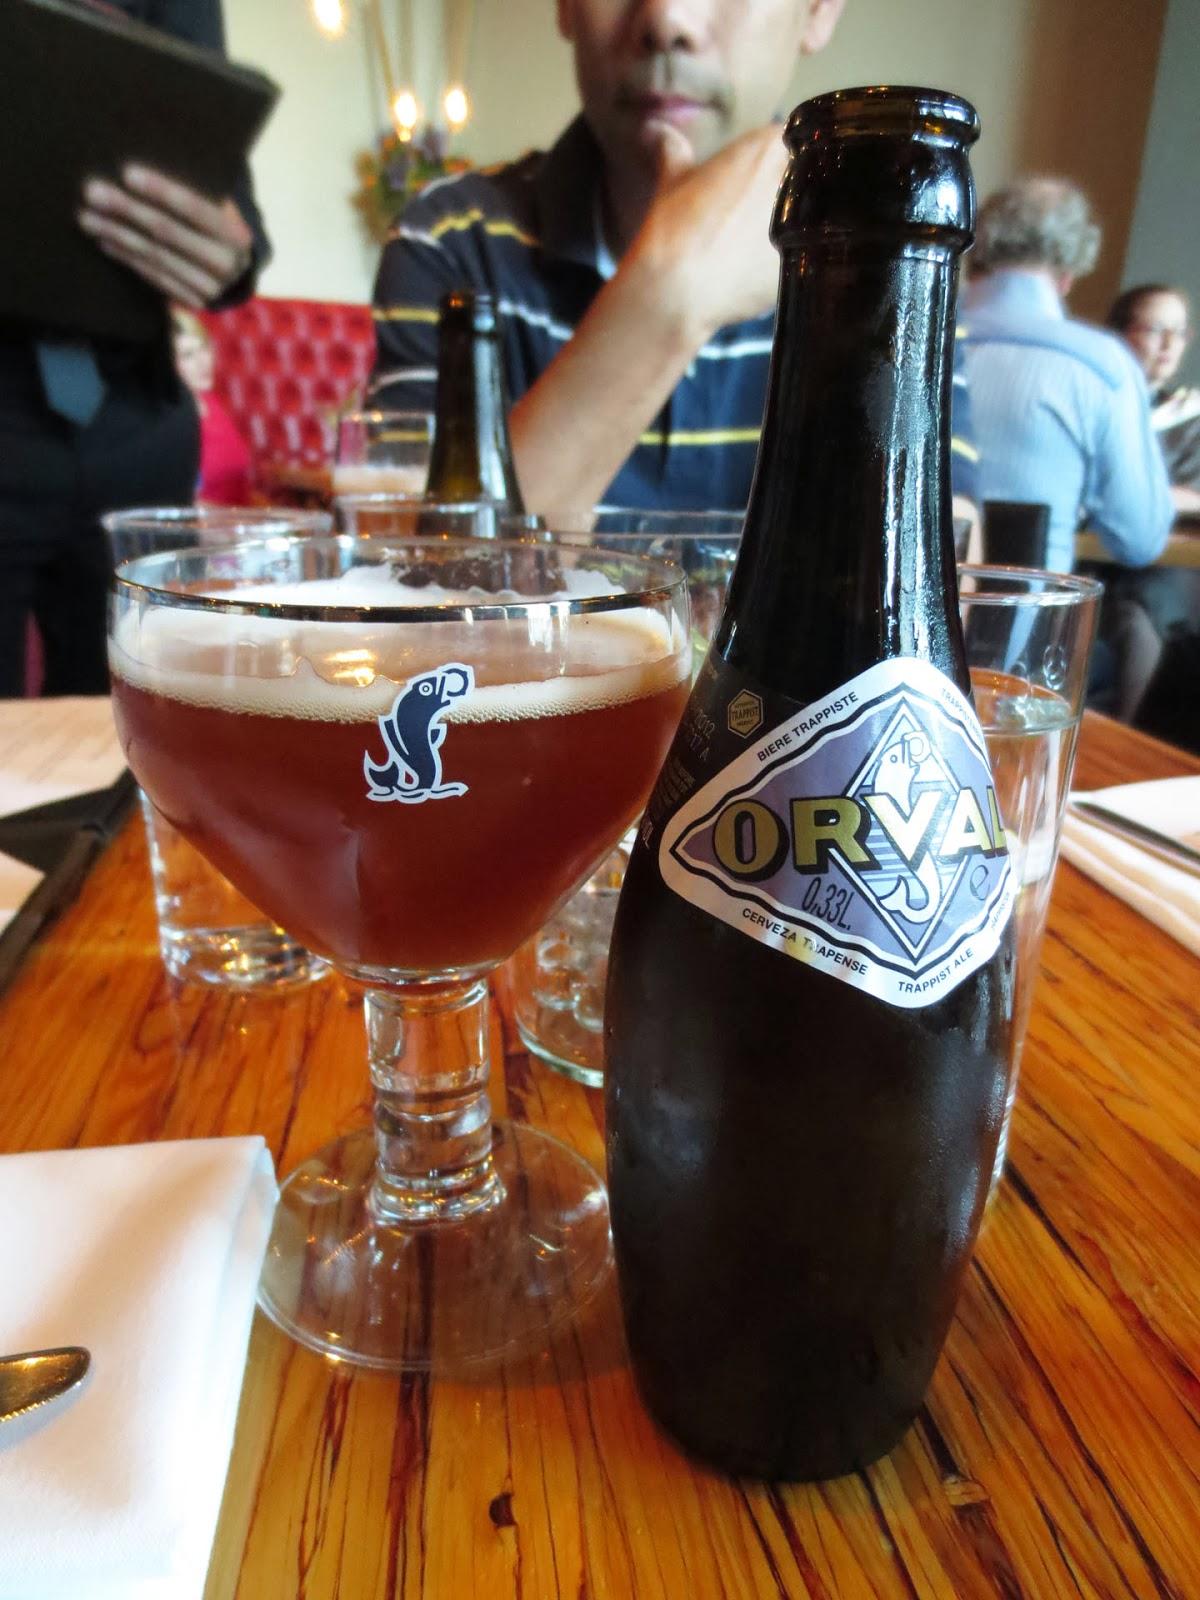 Orval Belgium Beer